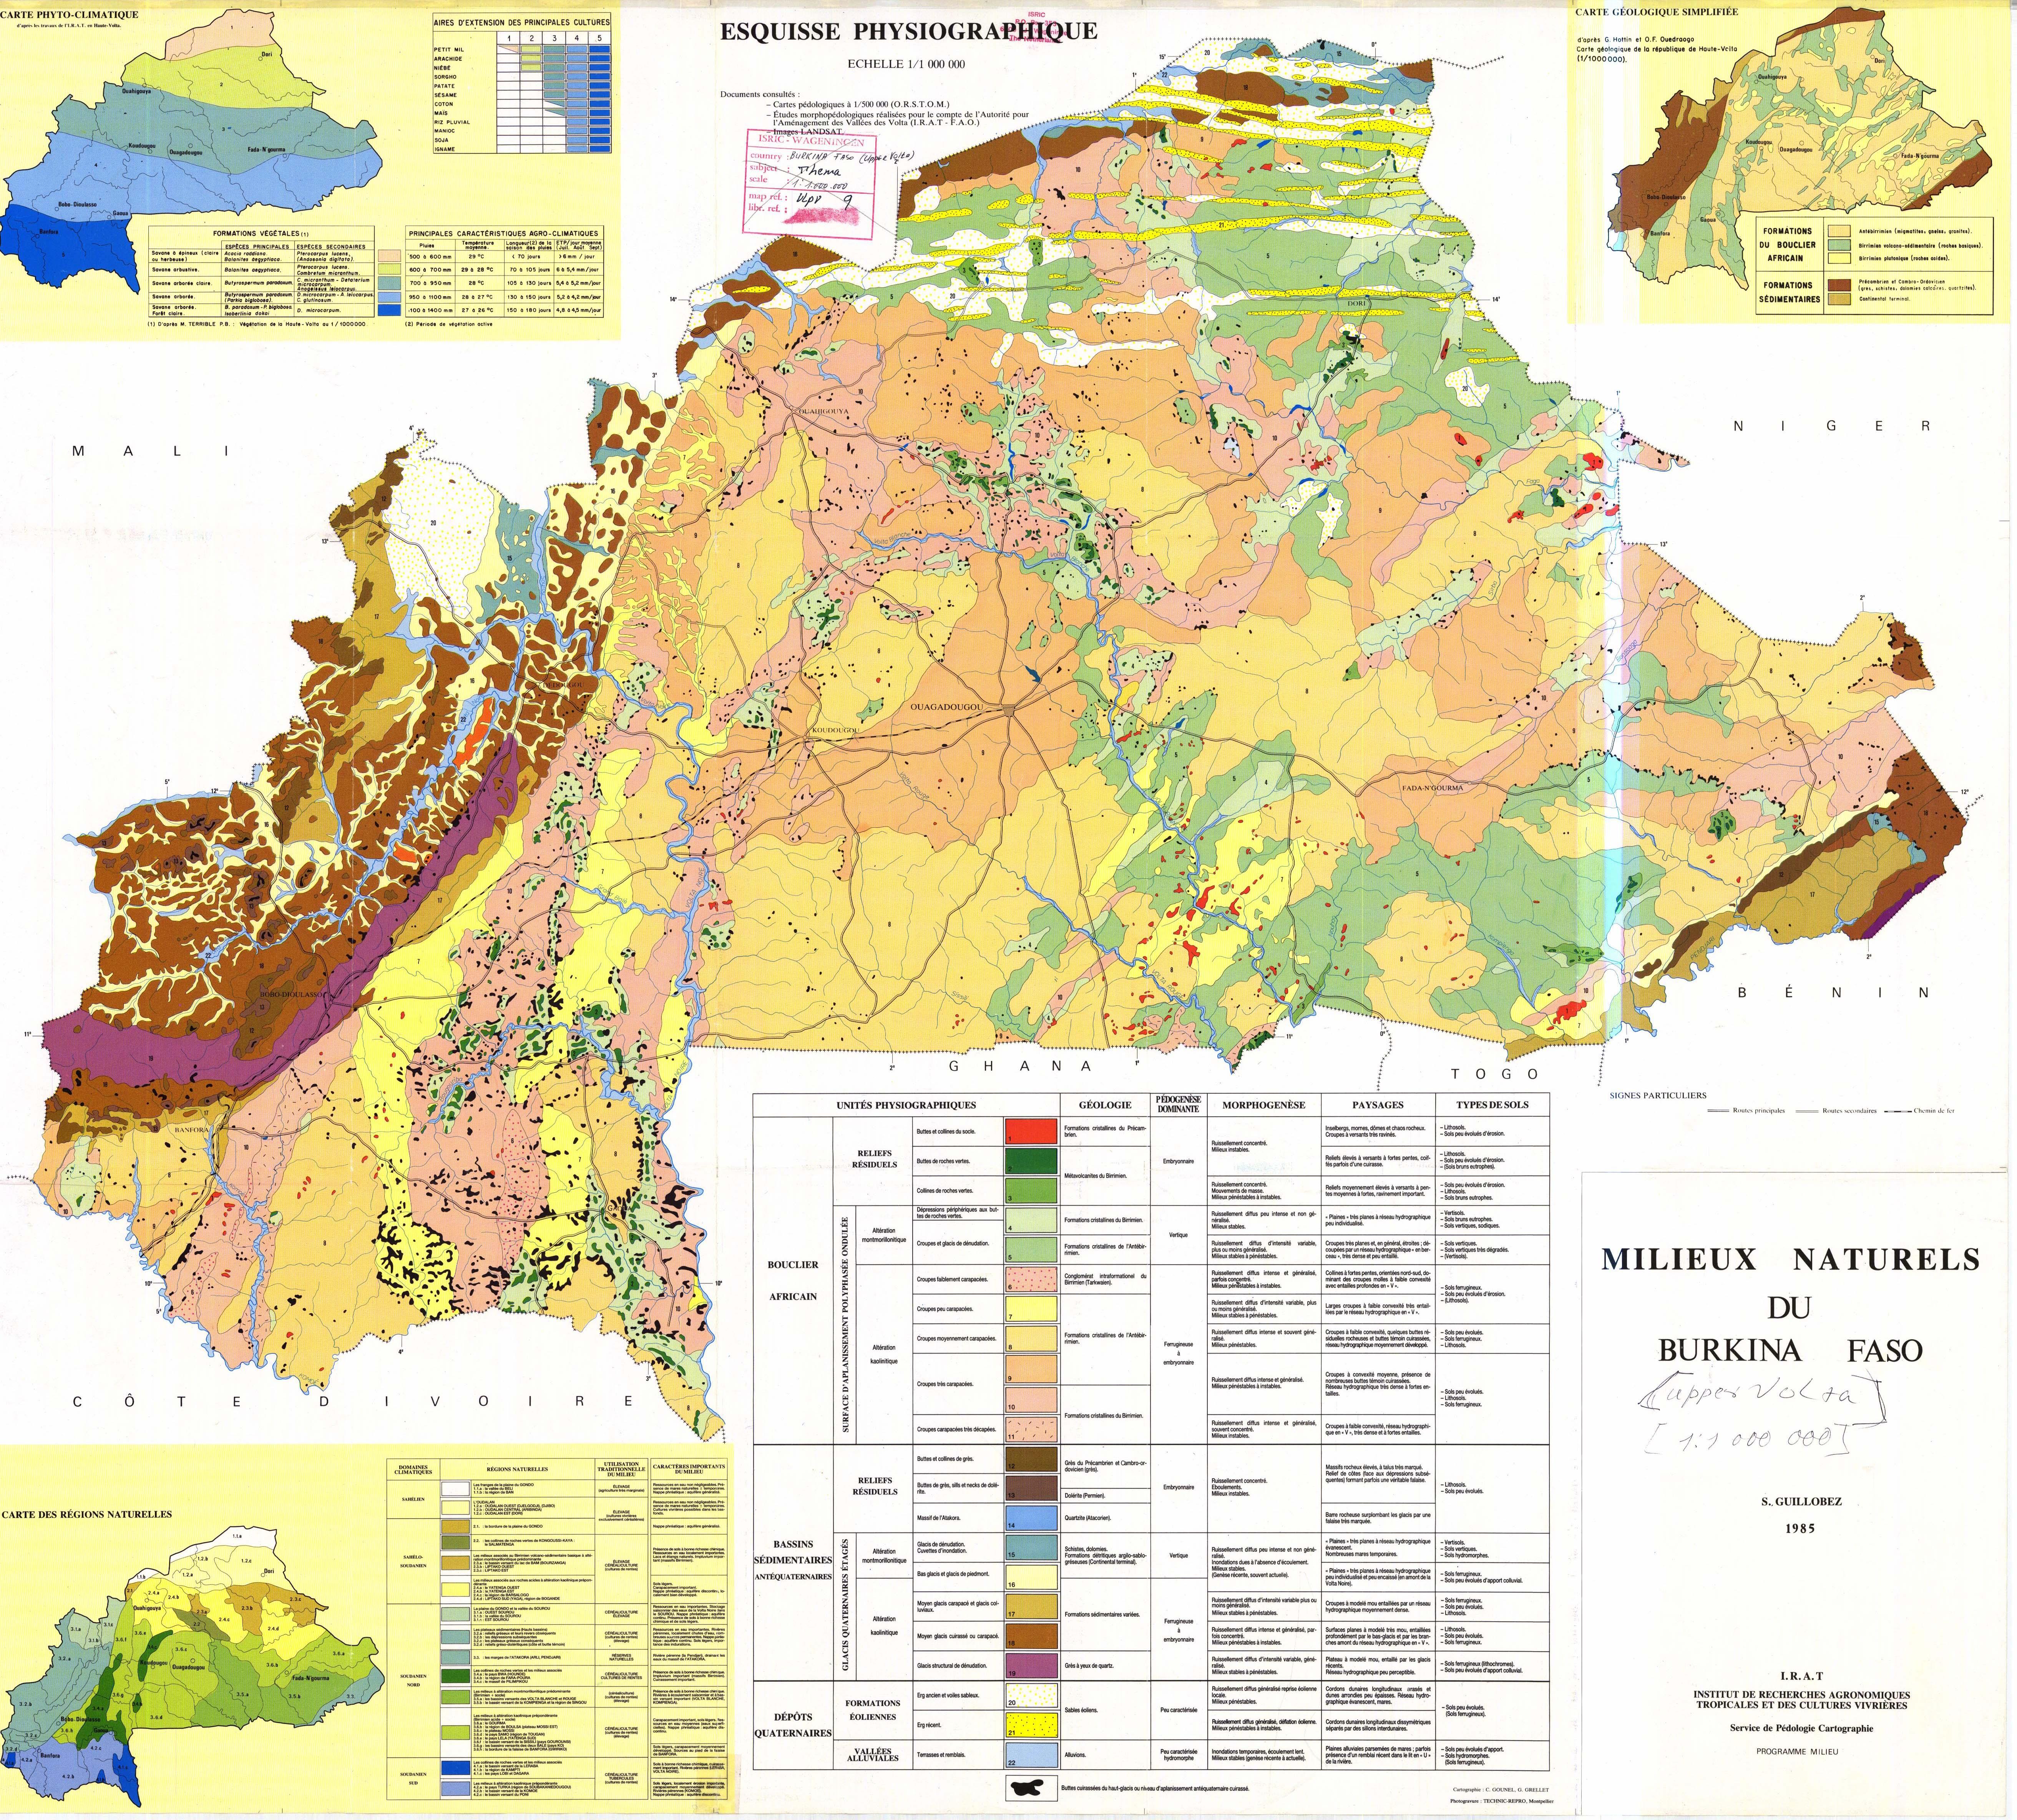 Milieux naturels du Burkina Faso. Esquisse Physiographique. Carte ...